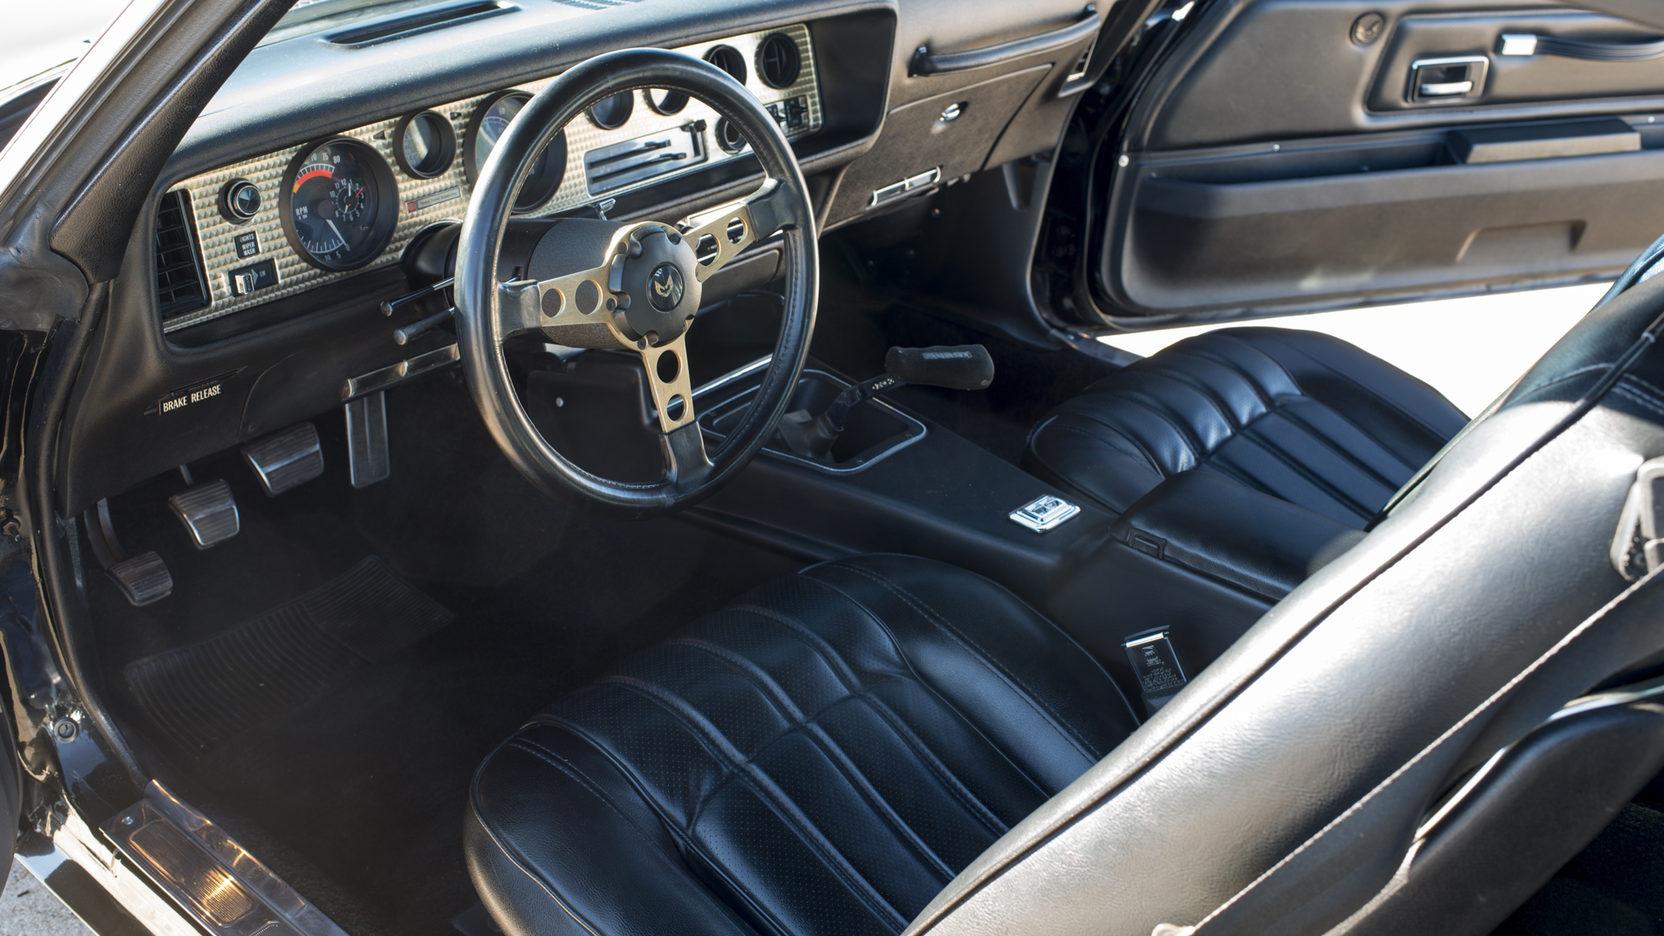 1976 Pontiac Firebird Trans Am interior